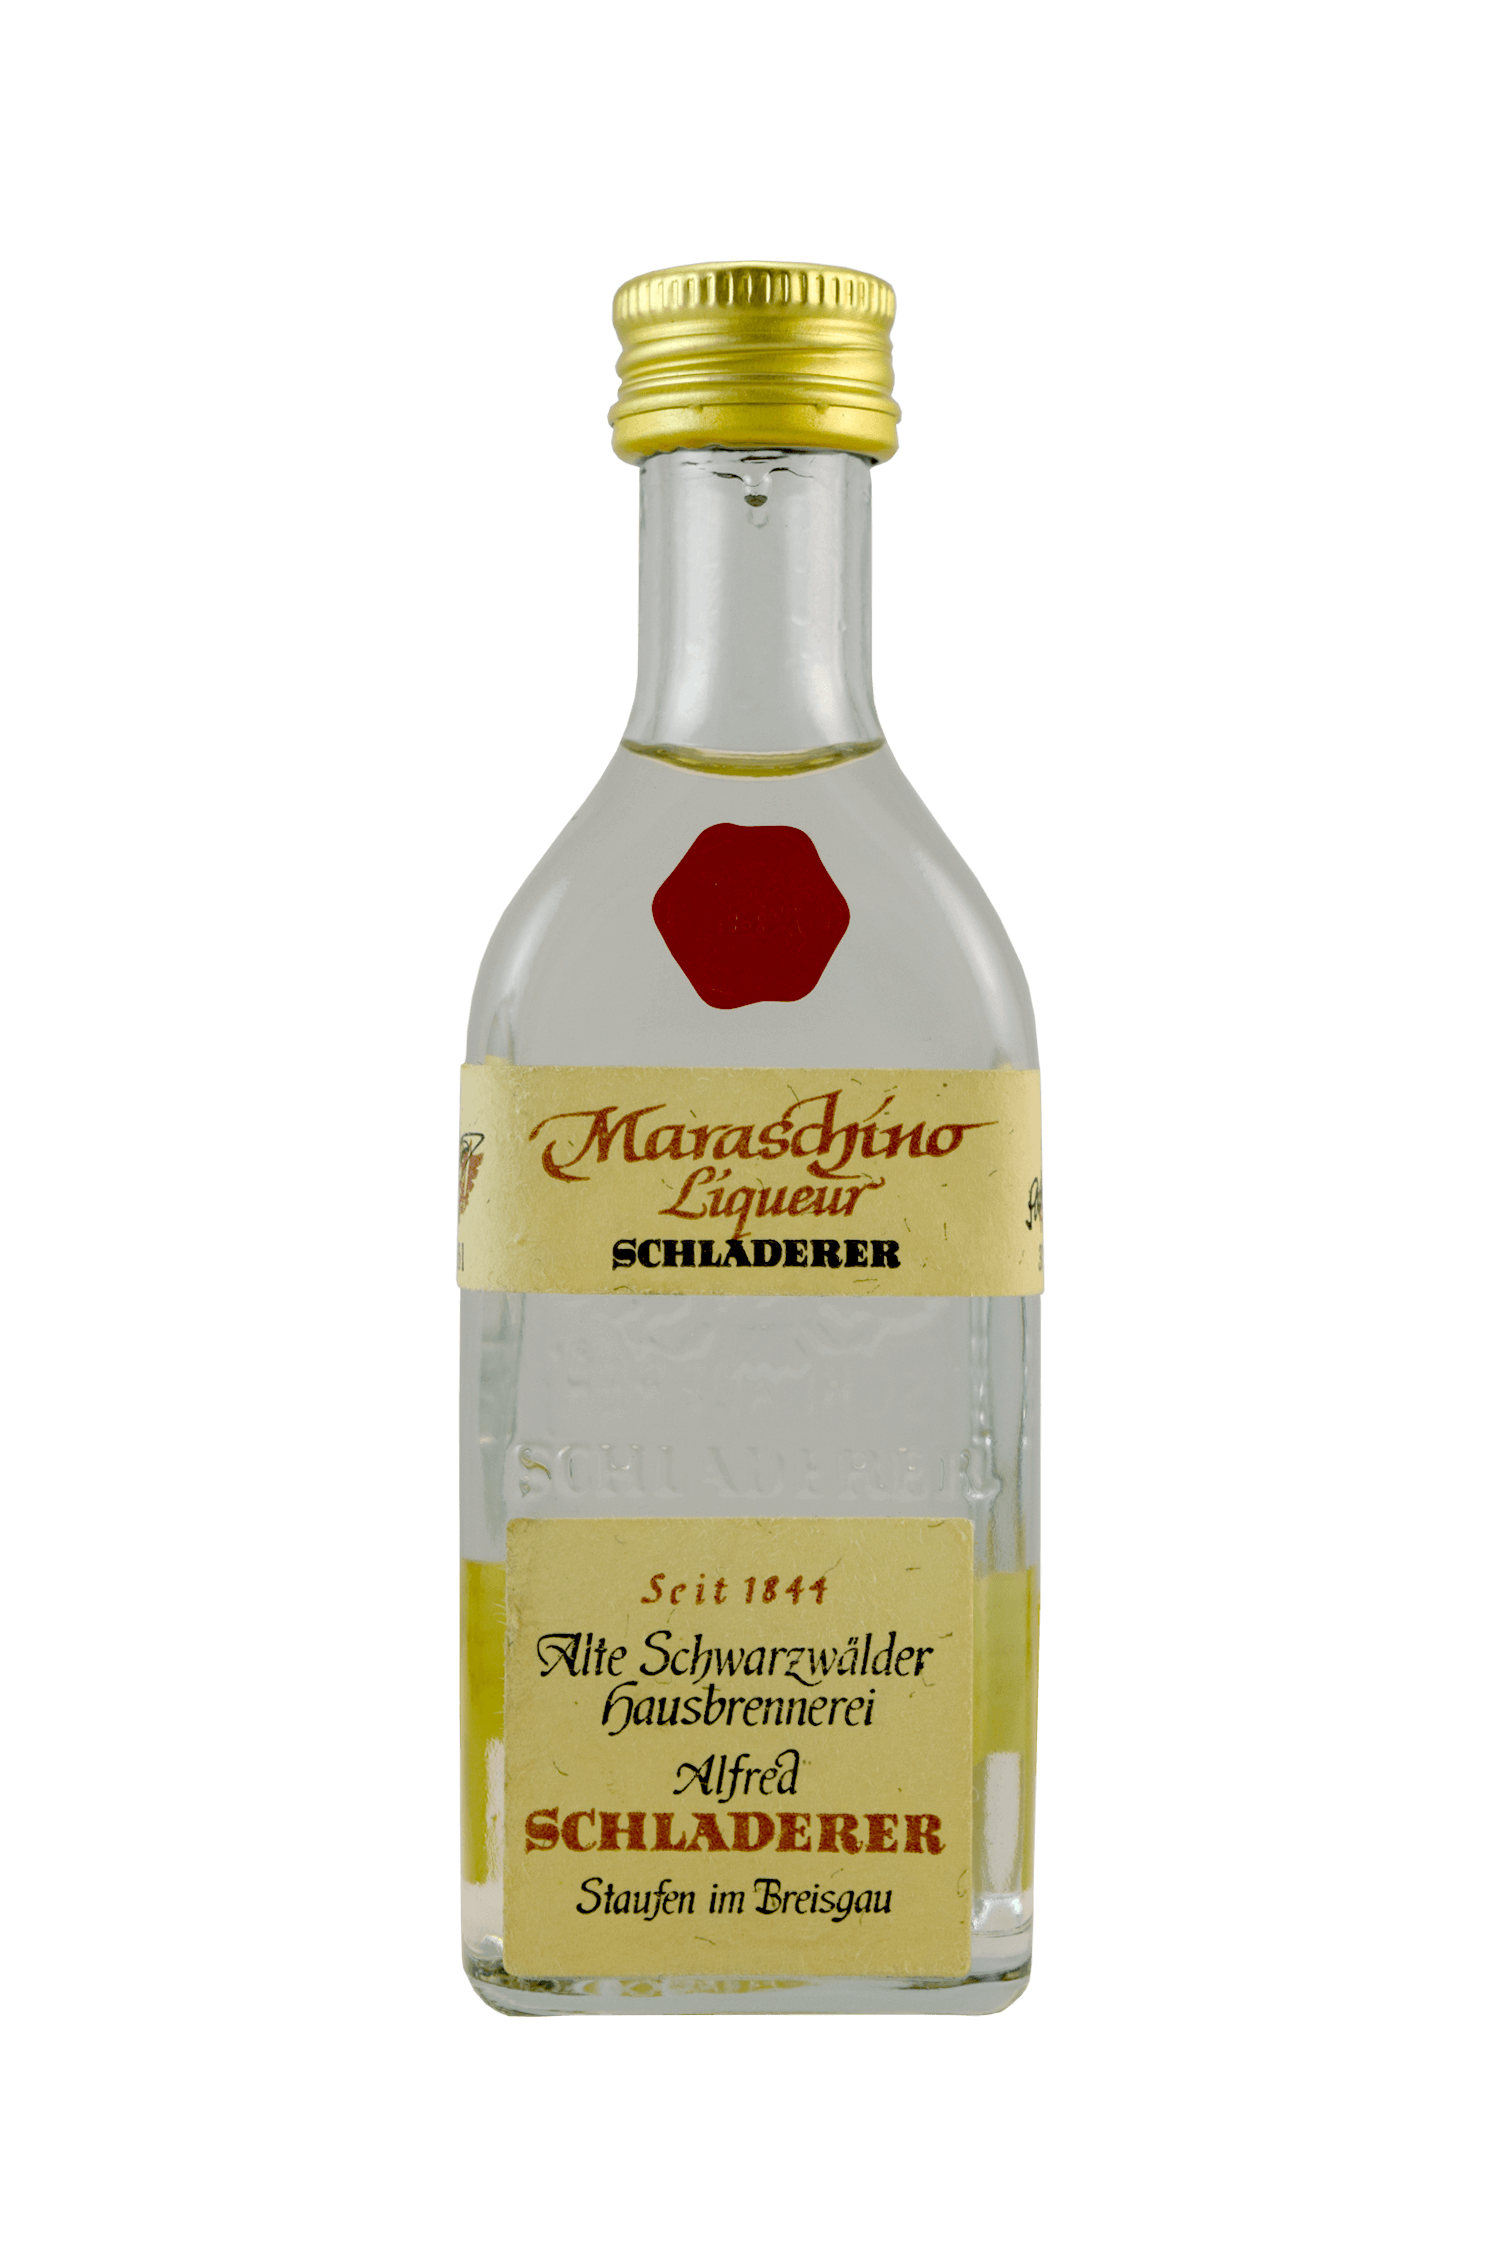 Maraschino Liqueur